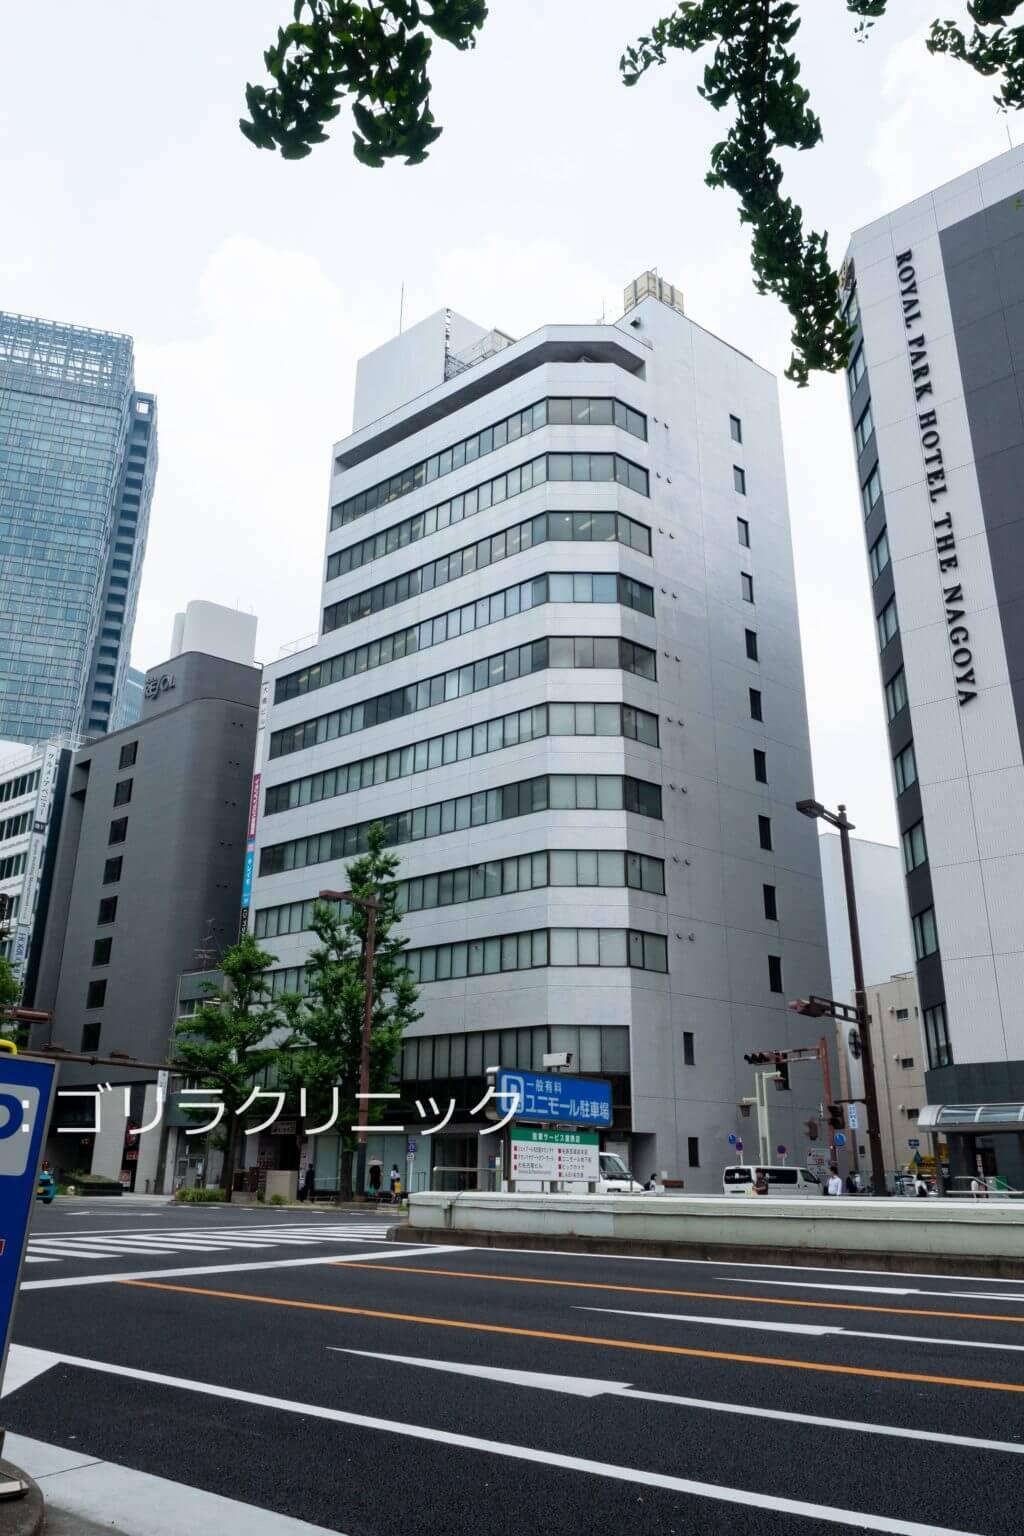 ゴリラクリニック名古屋駅前院が入居している大橋ビル